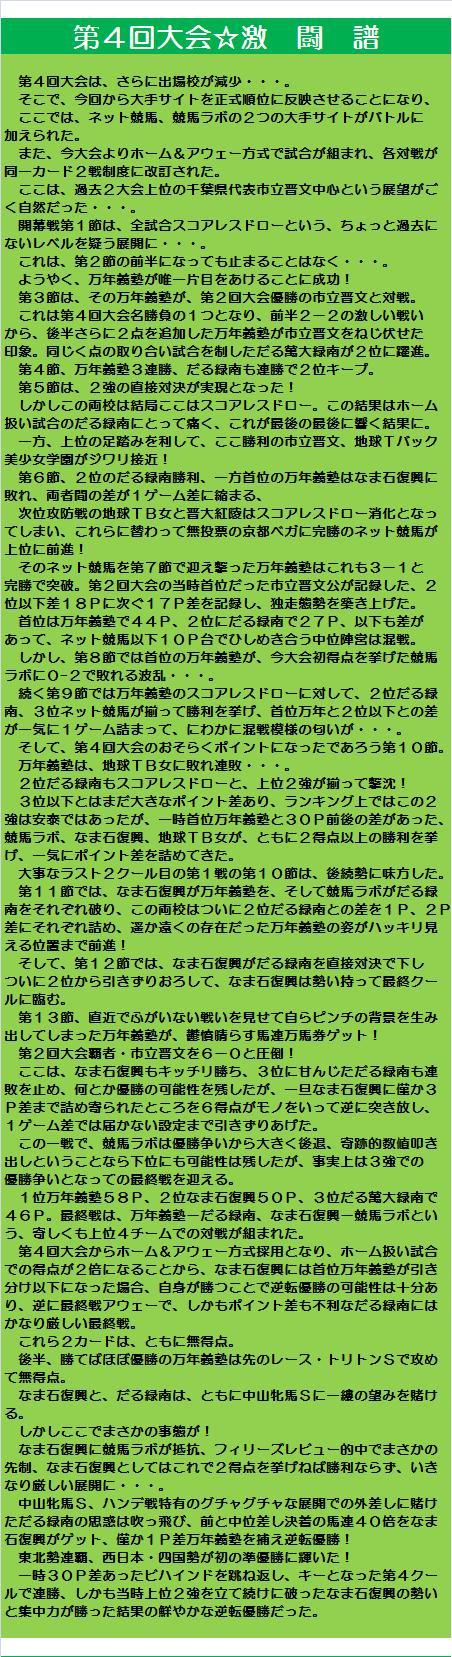 20140608・ダルマンリーグ 第4回大会☆激闘譜.jpg